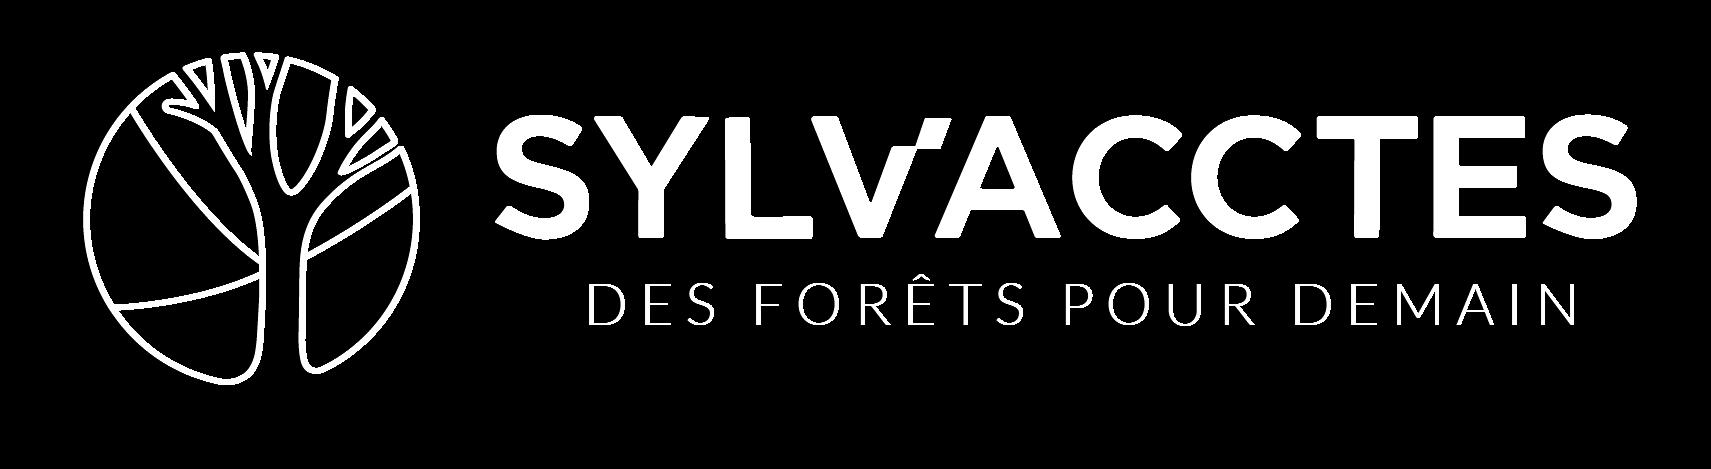 Sylv'ACCTES